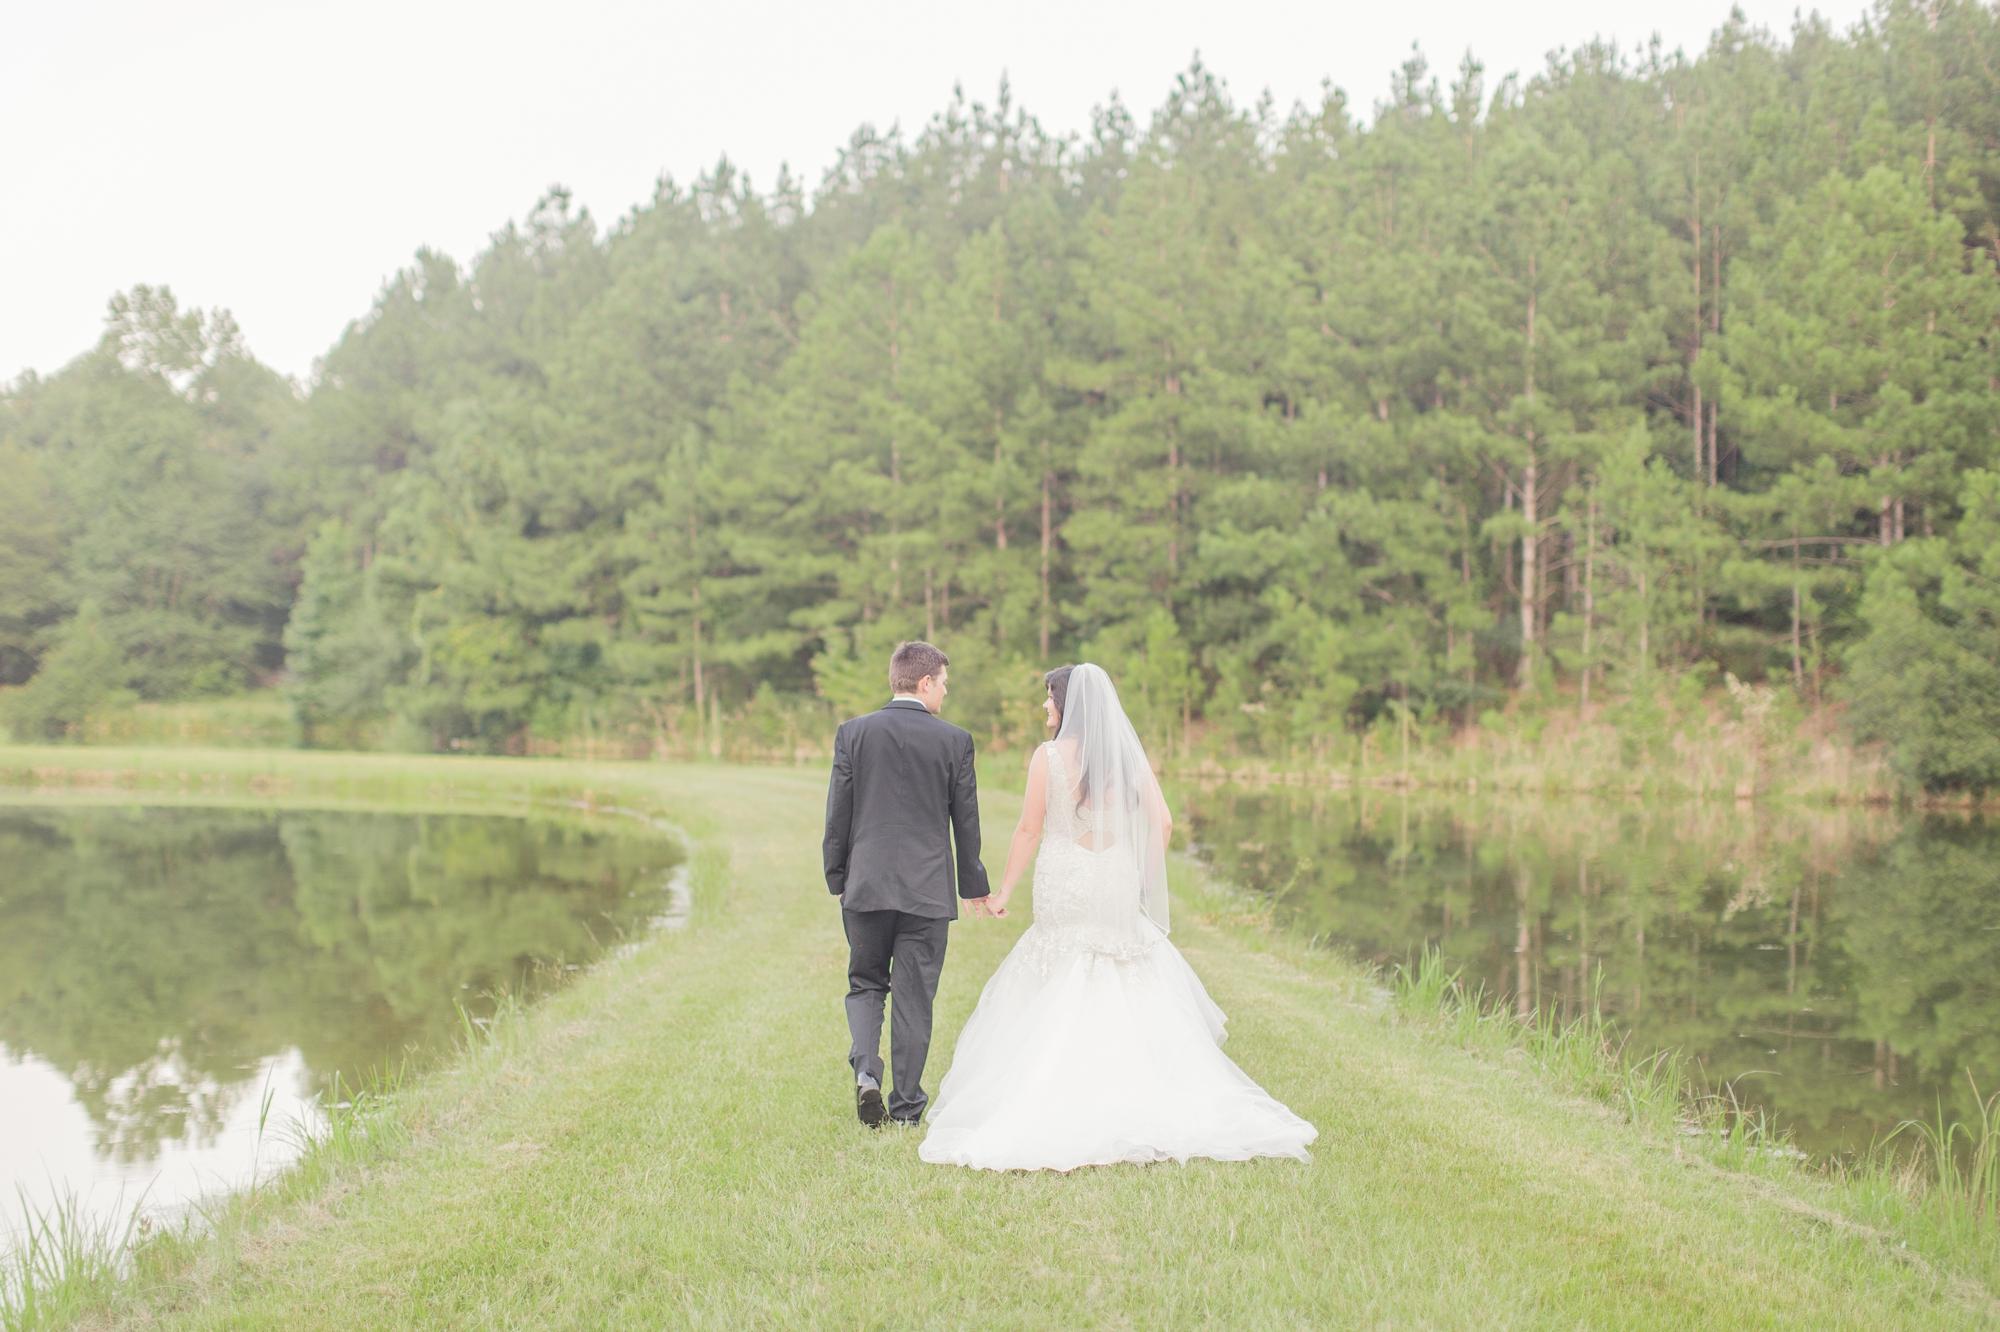 philadelphia-mississippi-summer-wedding 70.jpg